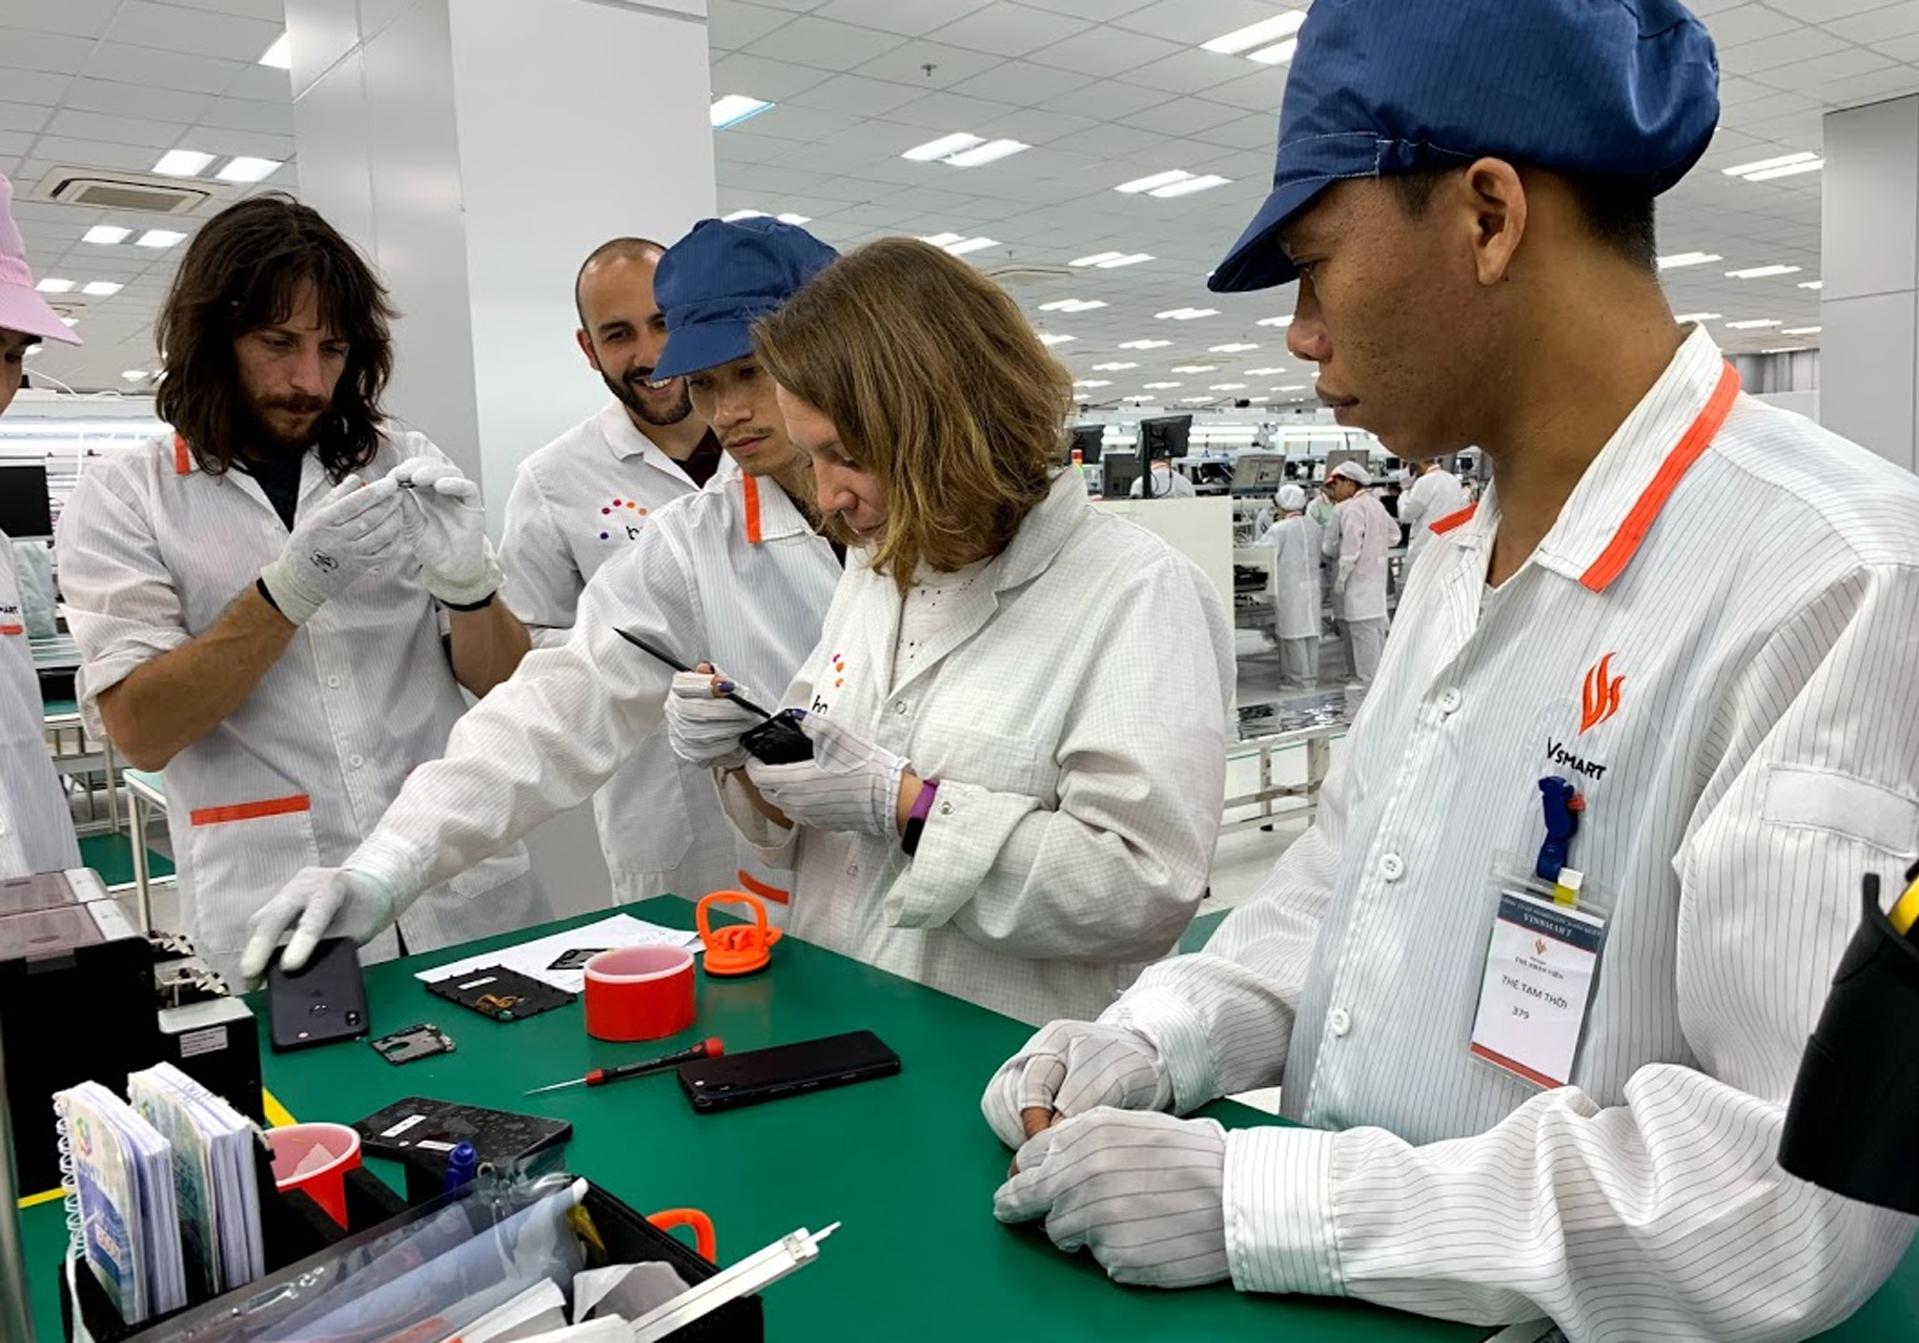 VinSmart có nhà máy sản xuất thiết bị điện tử tại khu công nghệ cao Hoà Lạc, Hà Nội. Công ty từng mua lại 51% cổ phần của BQ - công ty di động Tây Ban Nha, giúp VinSmart có nhiều chuyên gia đến từ hãng này sang làm việc, chuyển giao công nghệ. Ảnh: Tuấn Hưng.